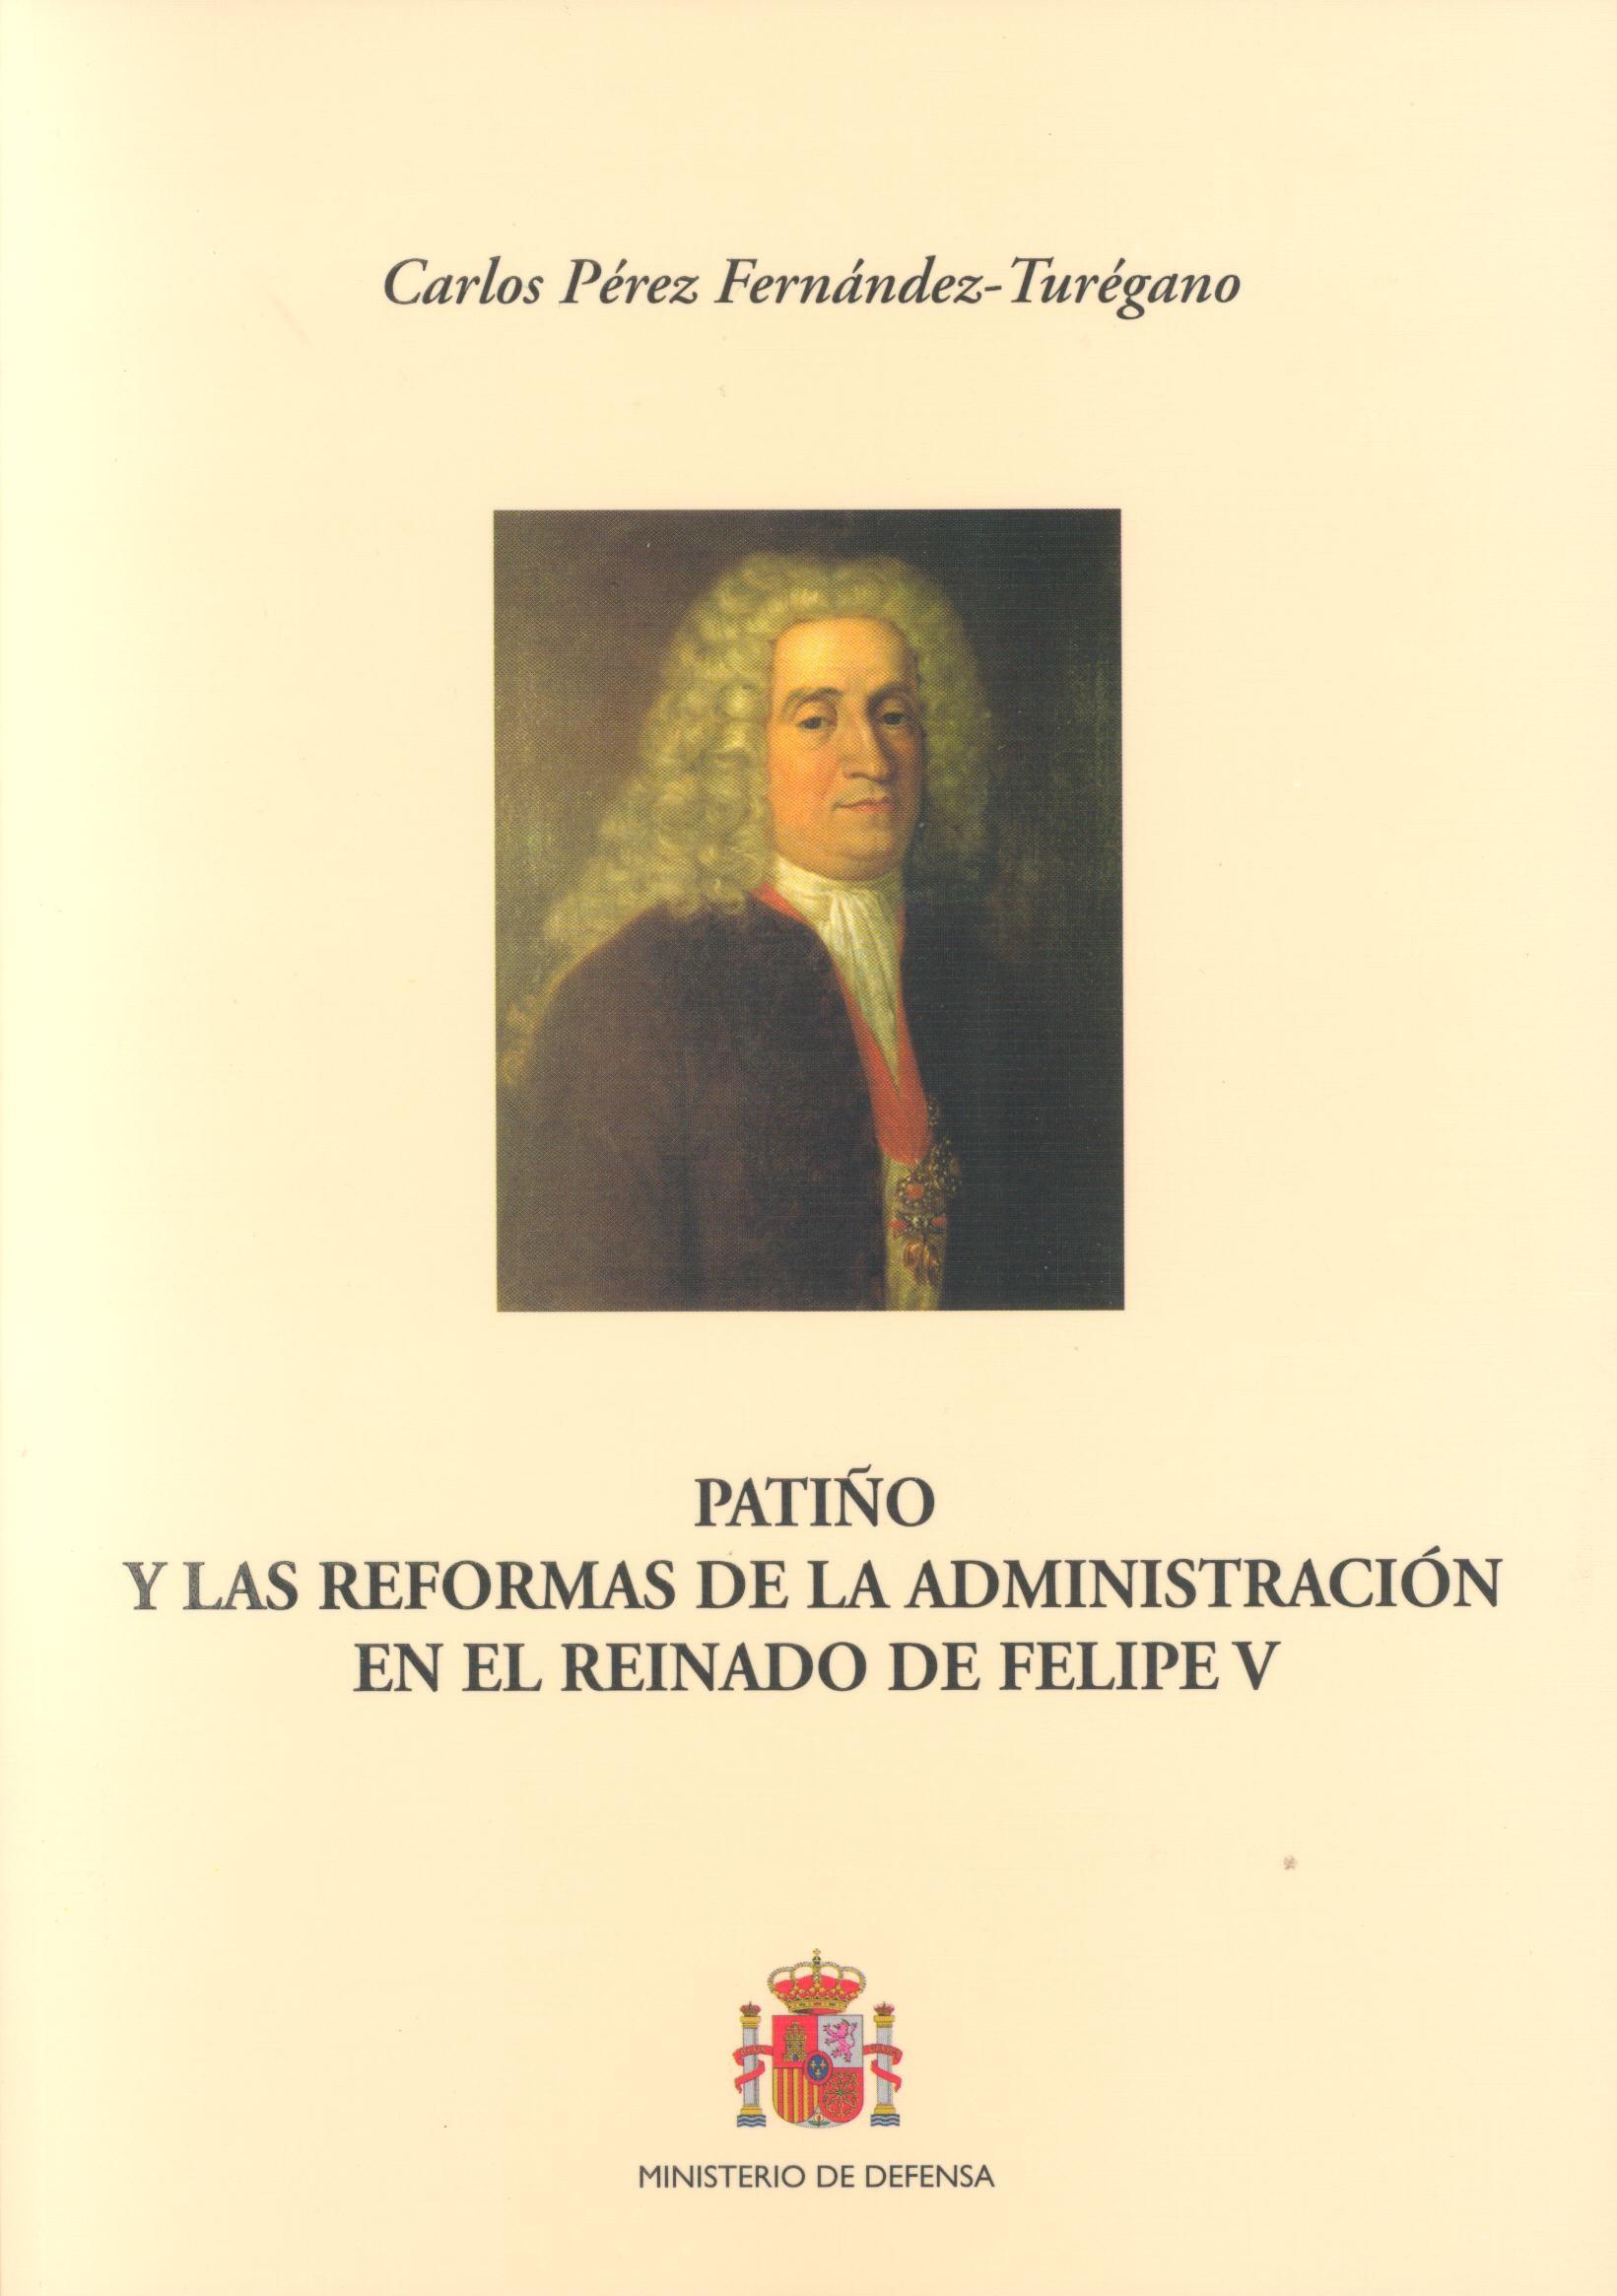 PATIÑO Y LAS REFORMAS DE LA ADMINISTRACIÓN EN EL REINADO DE FELIPE V